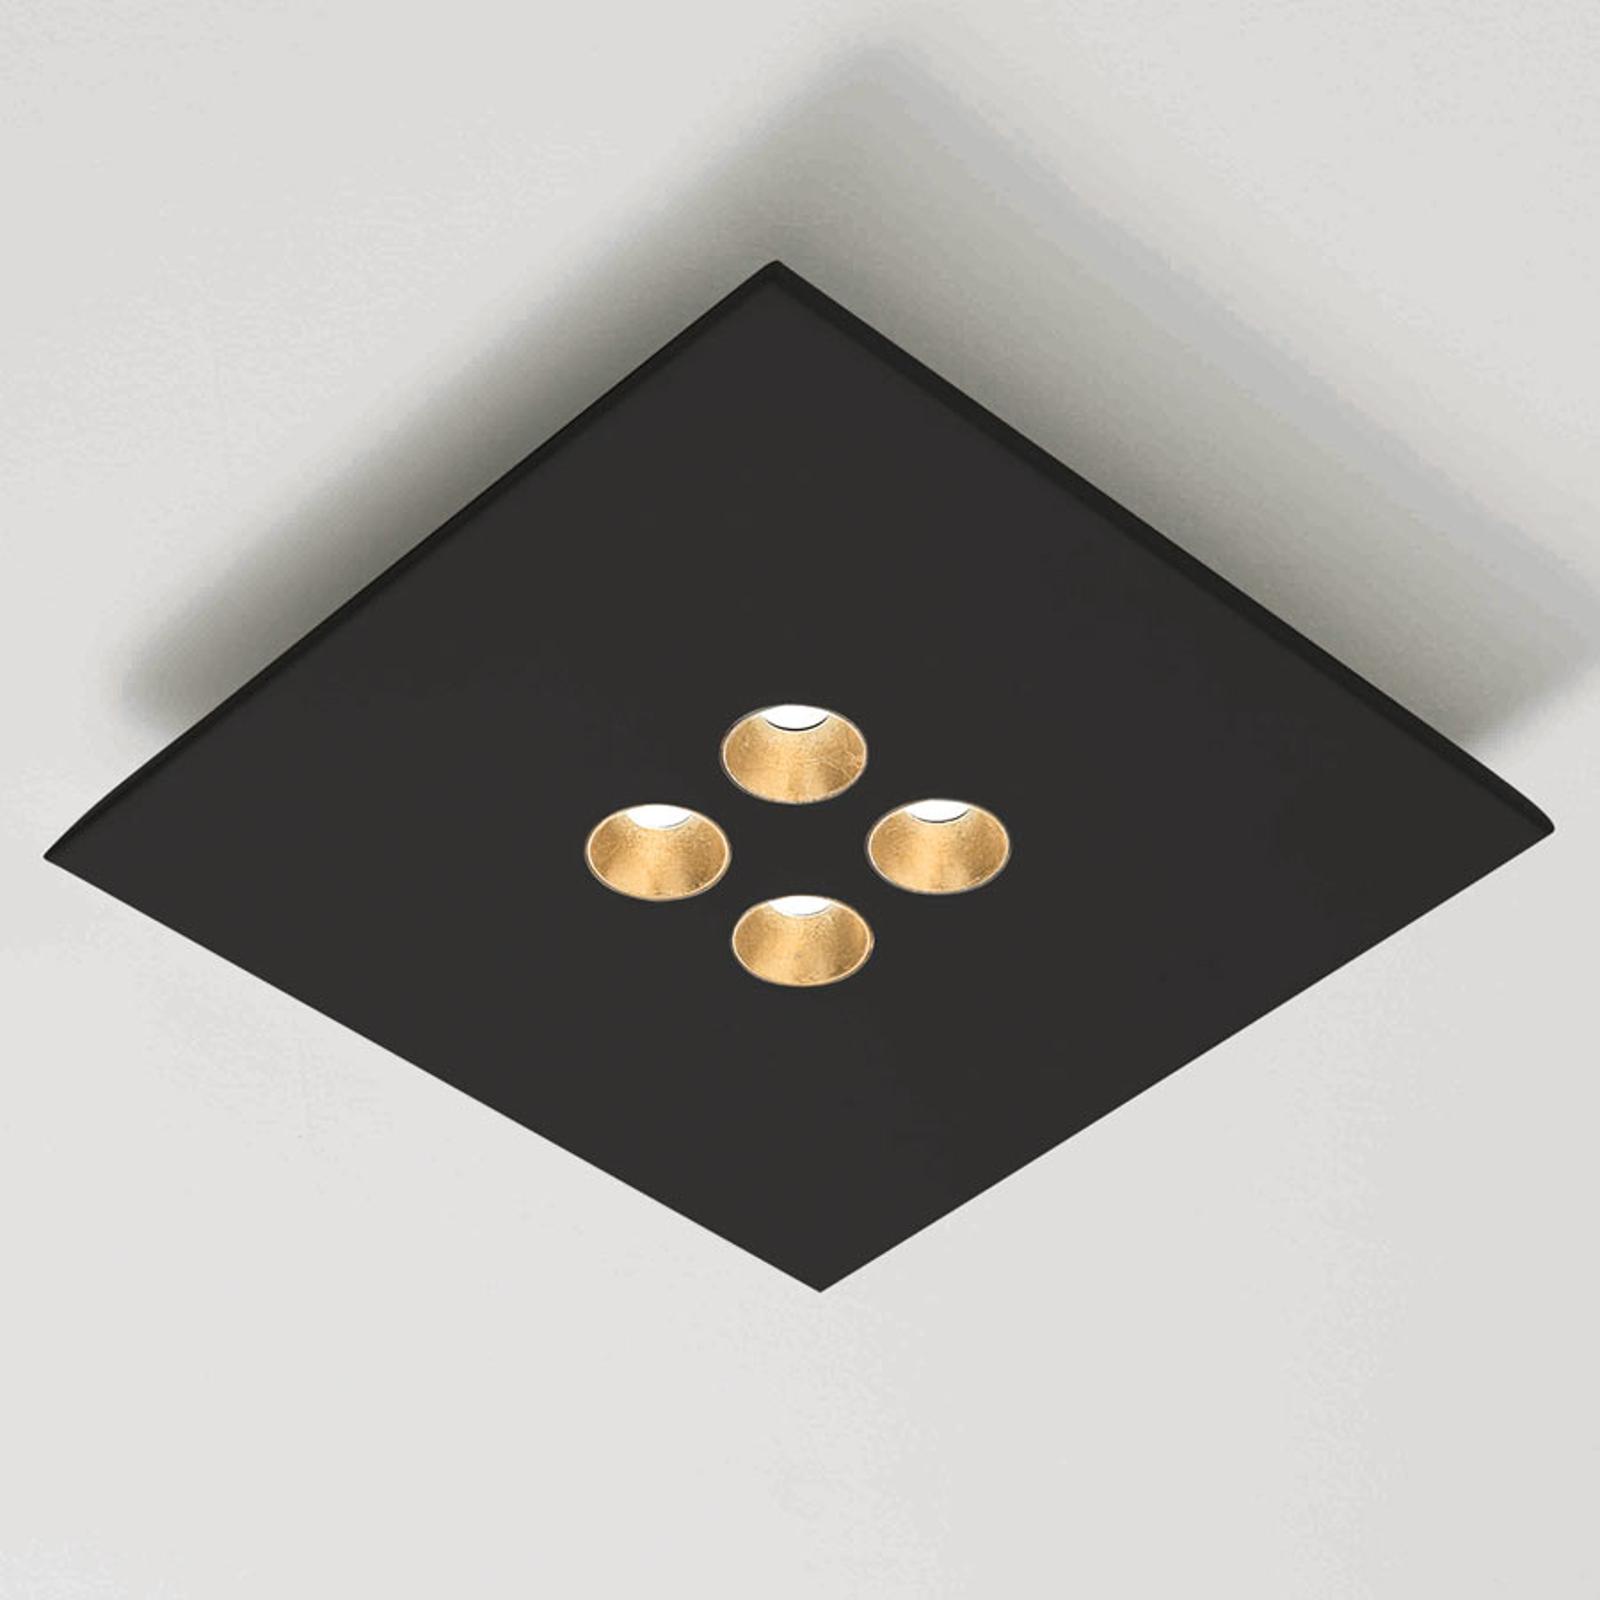 ICONE Confort - LED-Deckenleuchte in edlem Schwarz